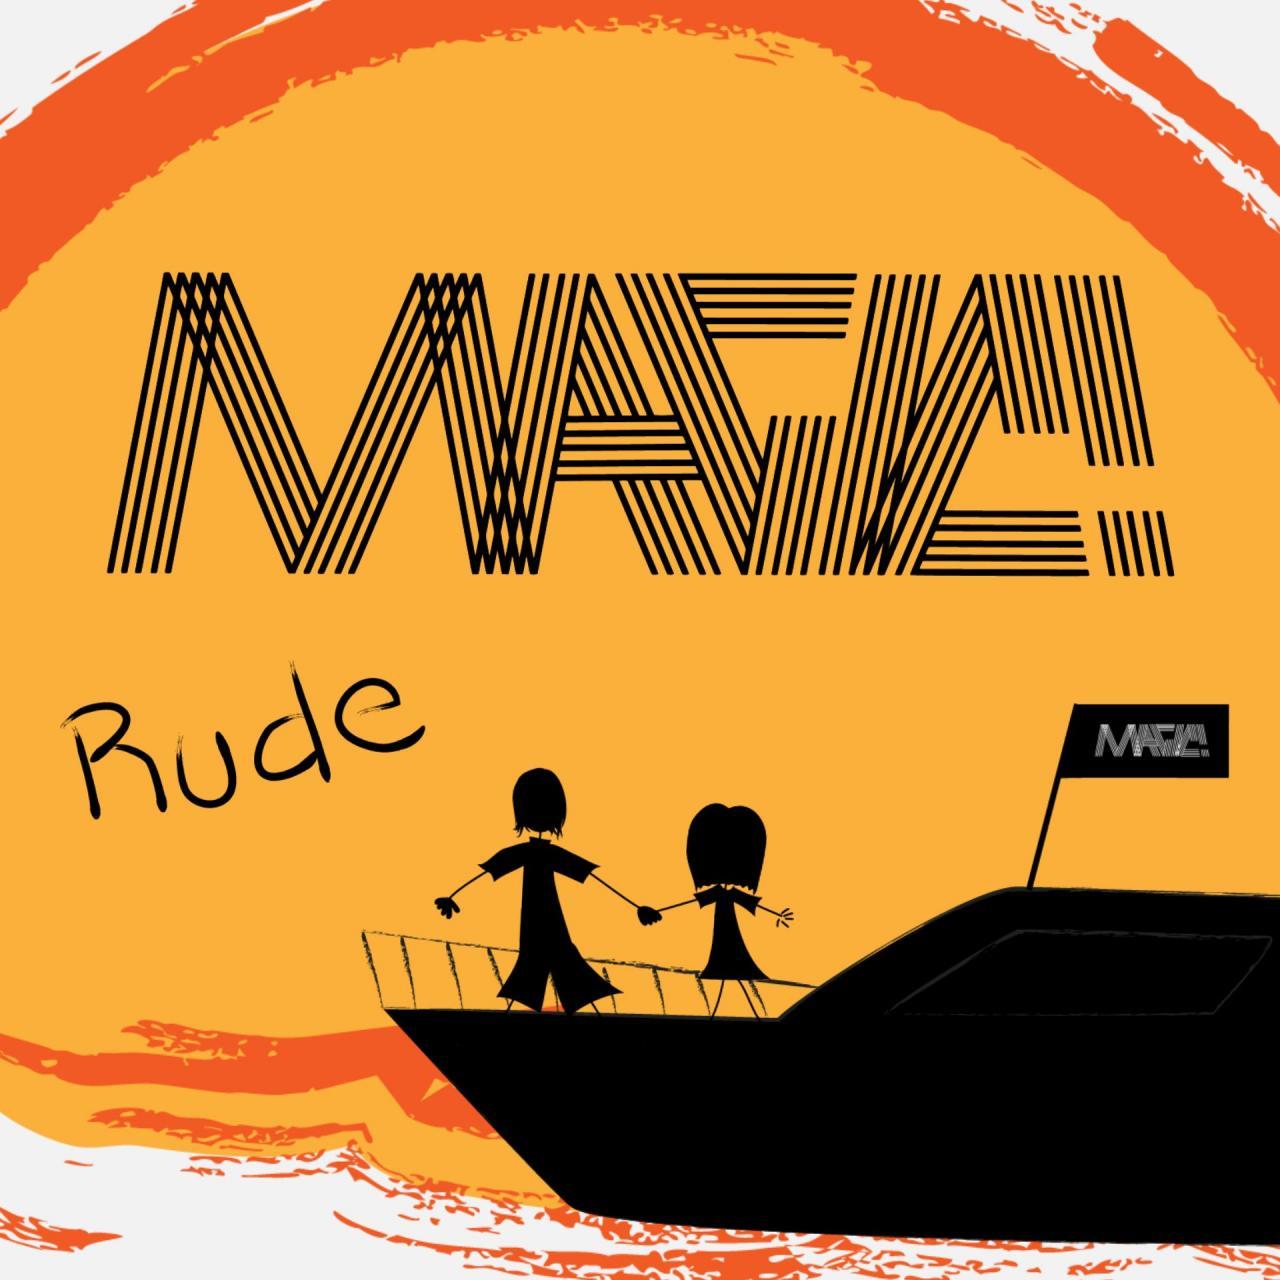 MAGIC! - Rude + (Zedd Remix) mp3 download